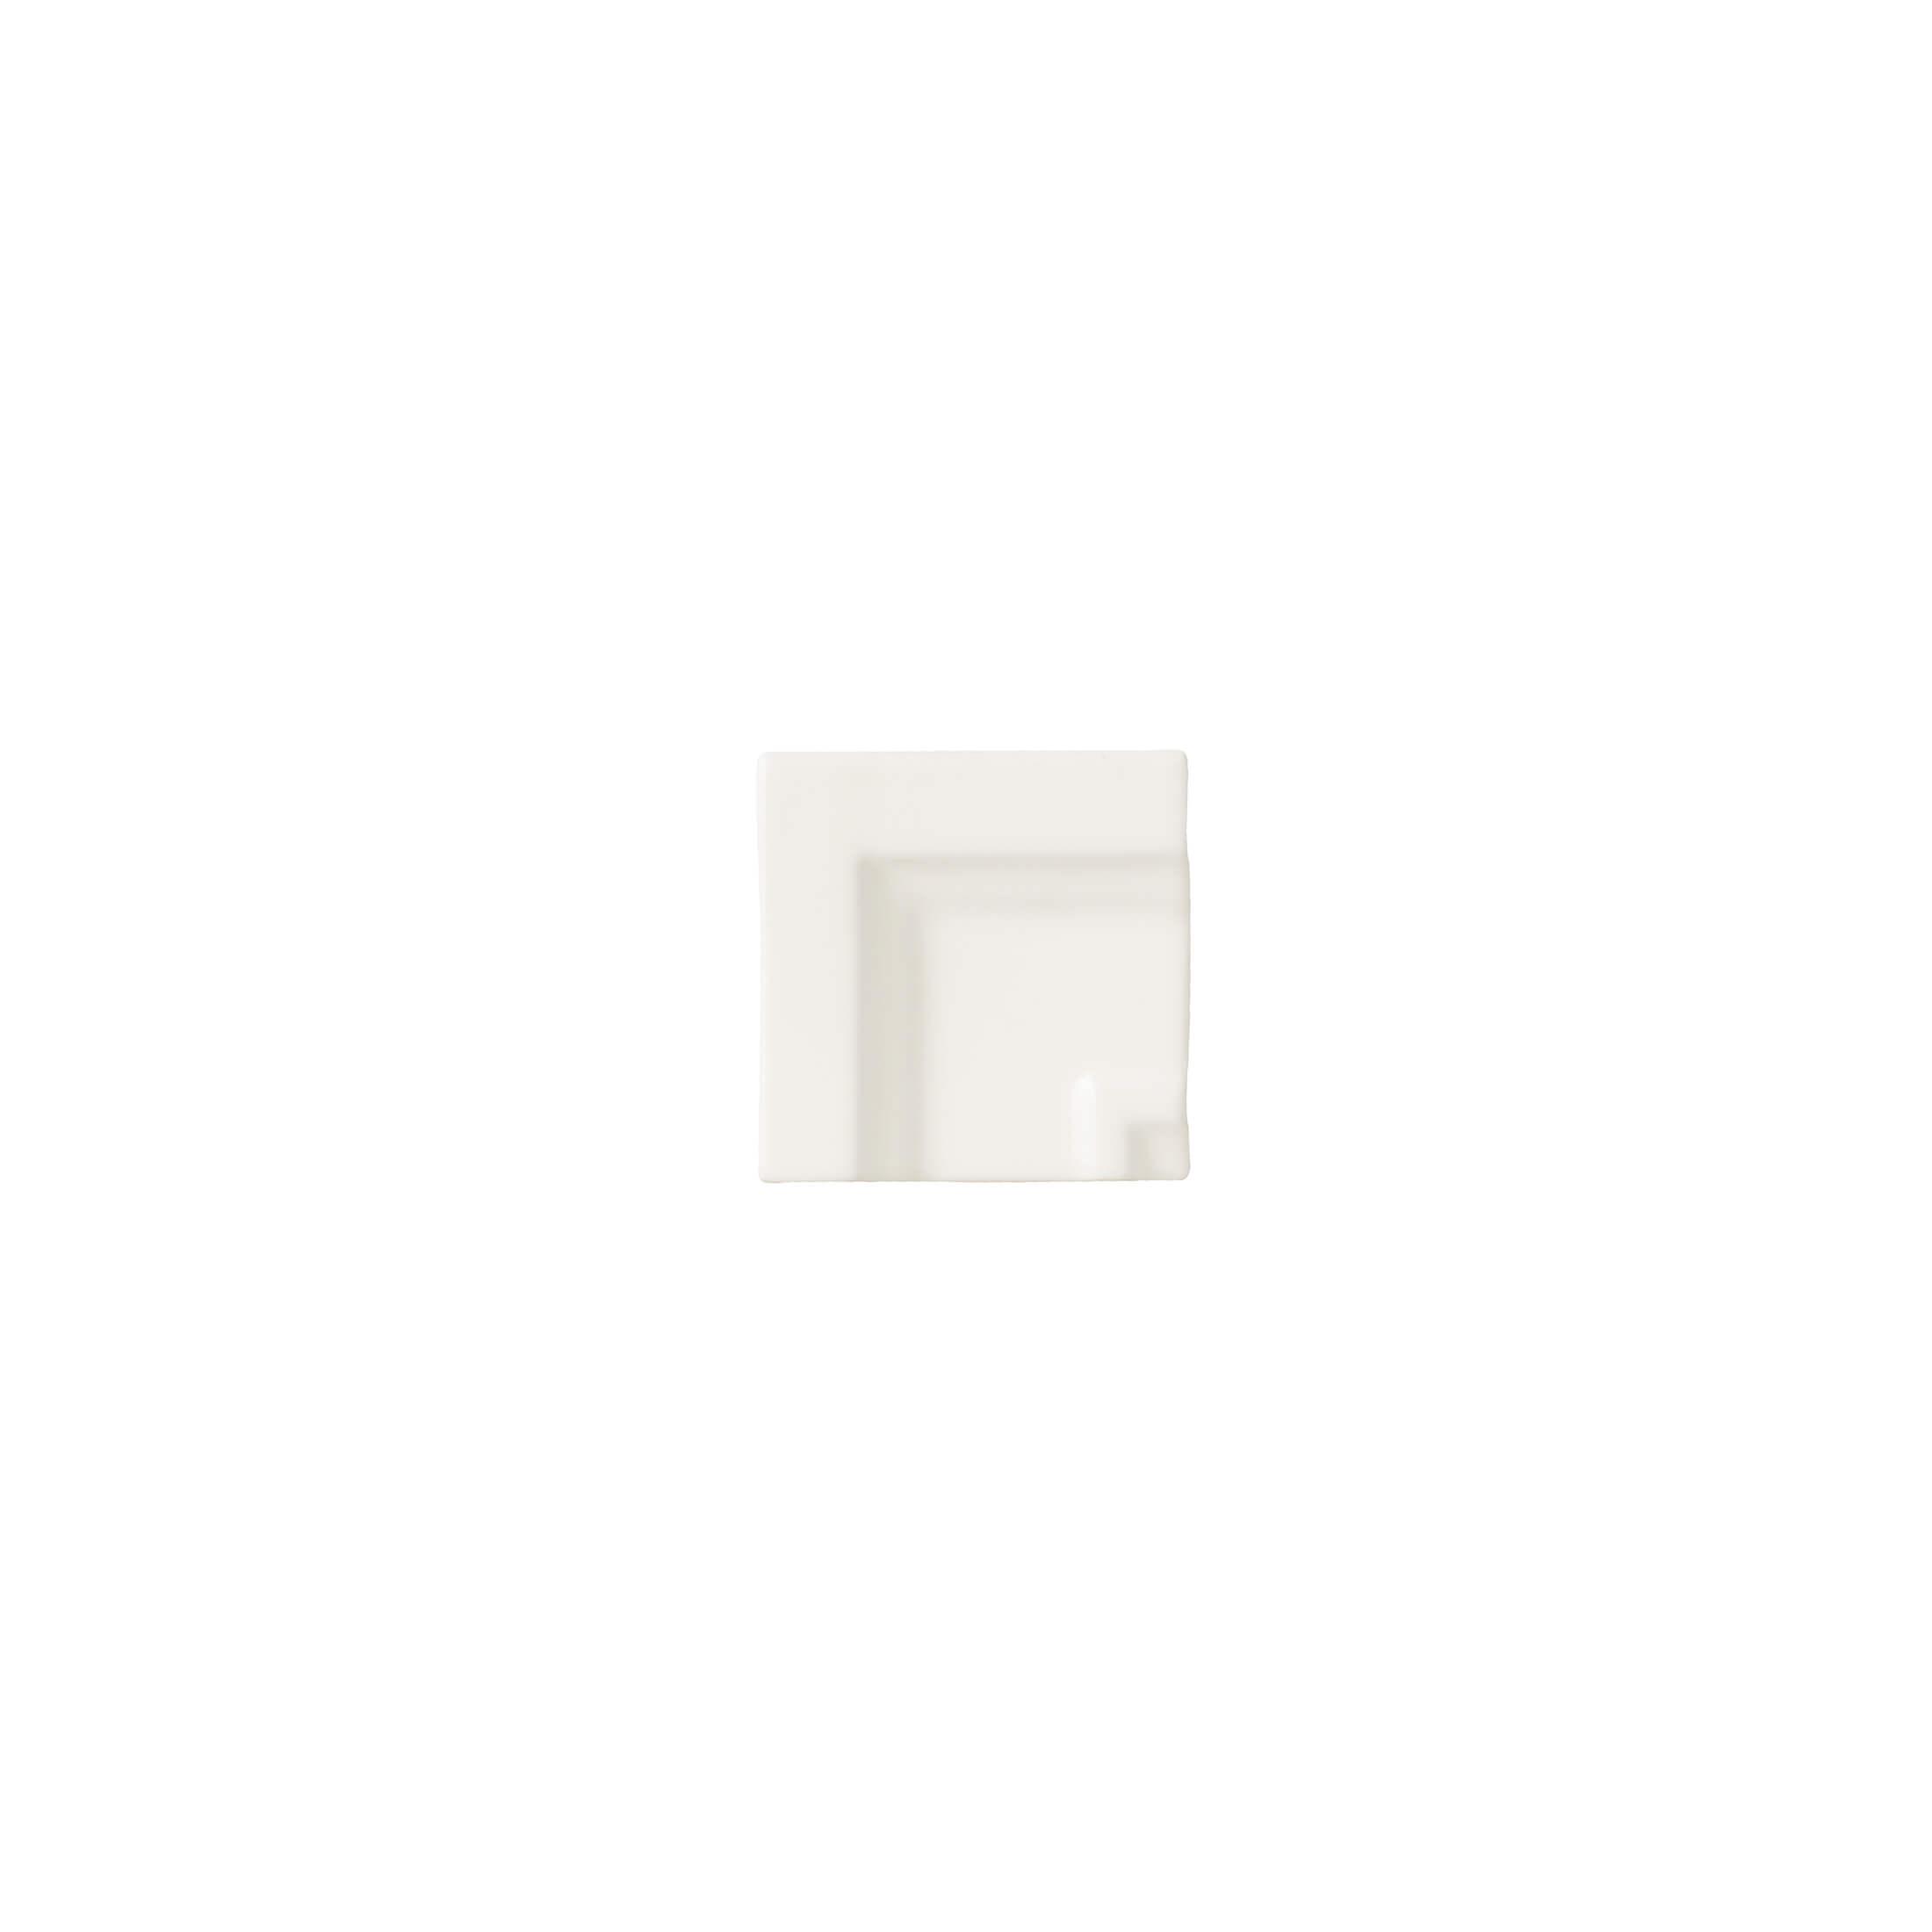 ADNE5534 - ANGULO MARCO CORNISACLASICA - 7 cm X 30 cm